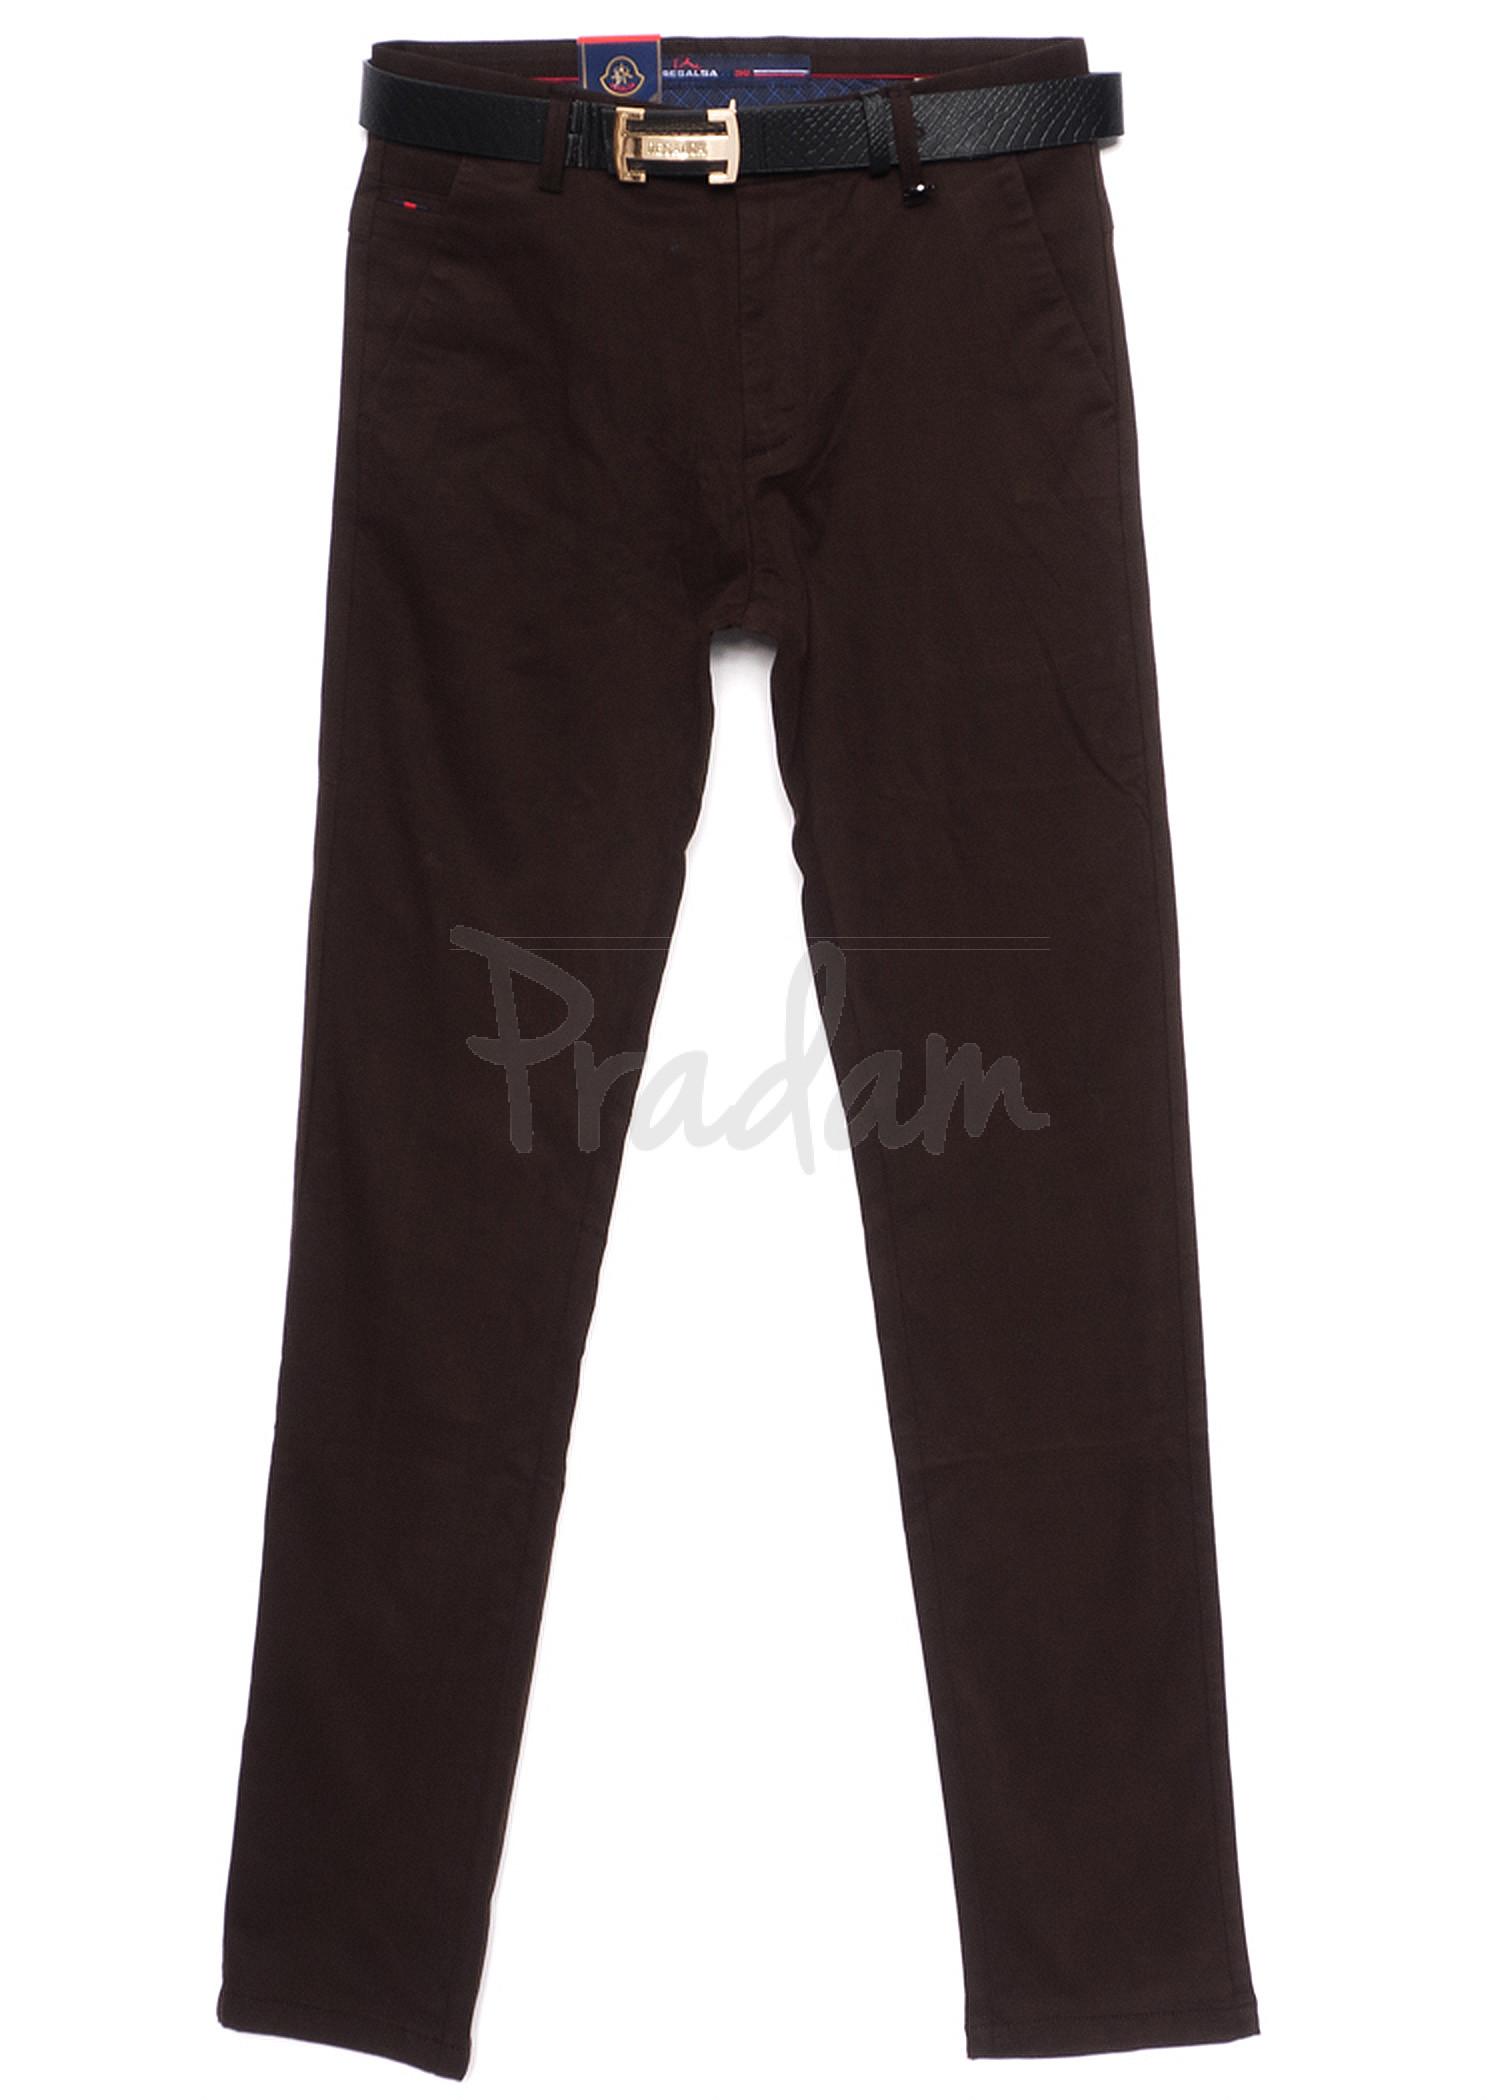 1007-18 Resalsa коричневые (29-36, 7 ед.) брюки мужские весенние стрейчевые